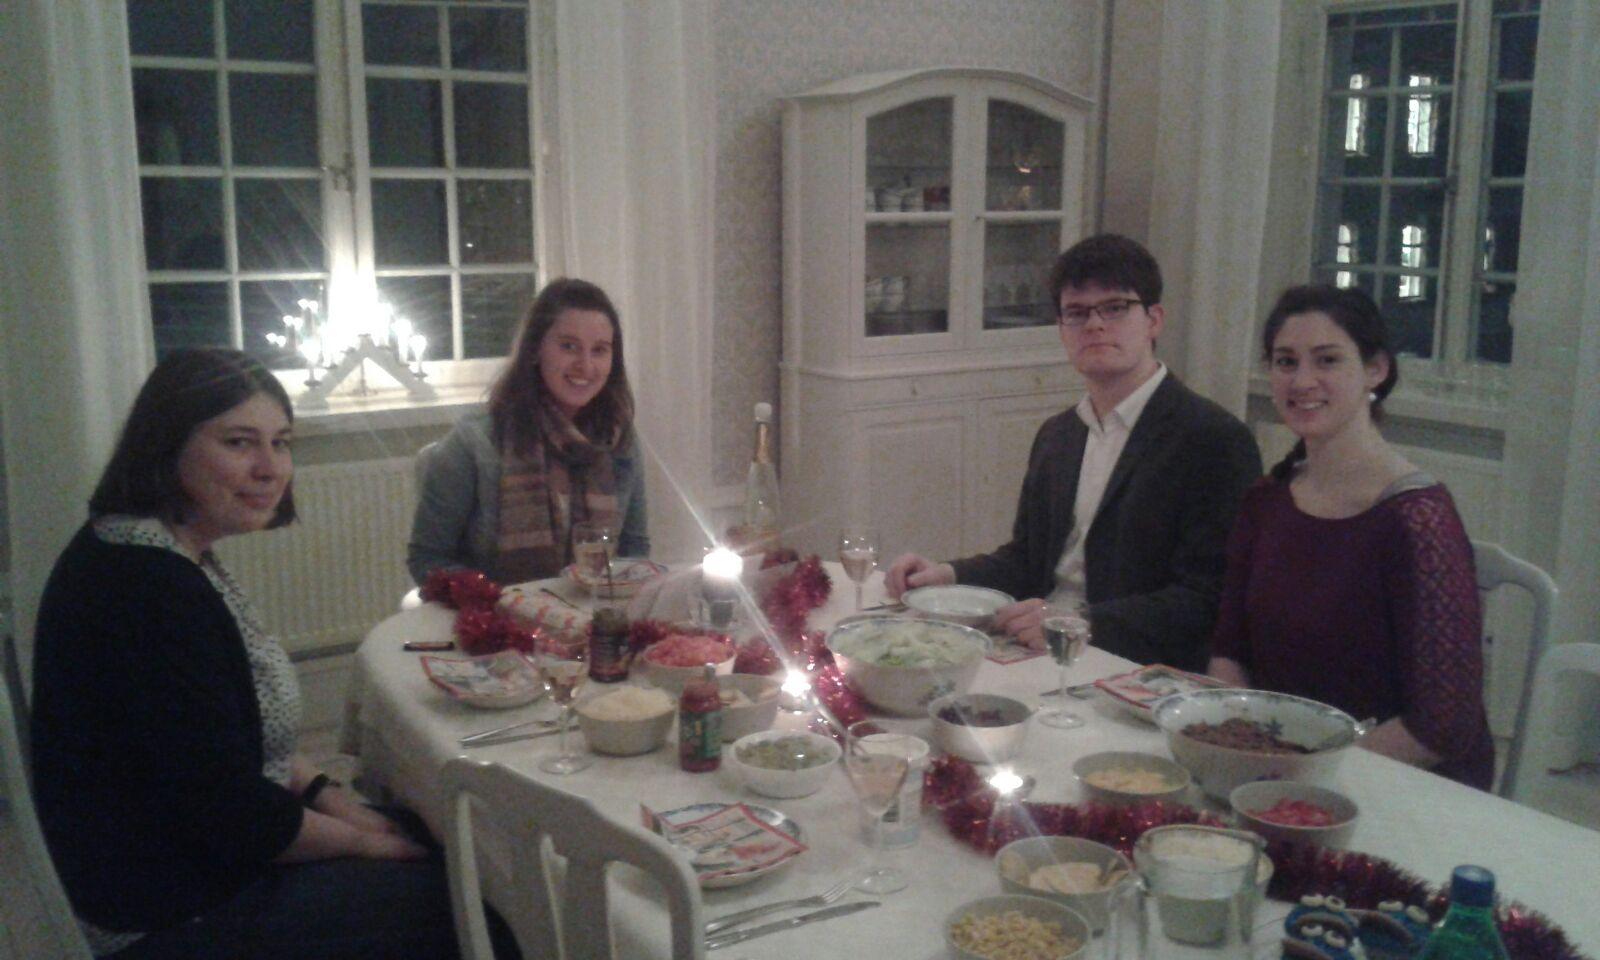 Raphaela Polk (Mitte) bei ihrer Geburtstagsfeier